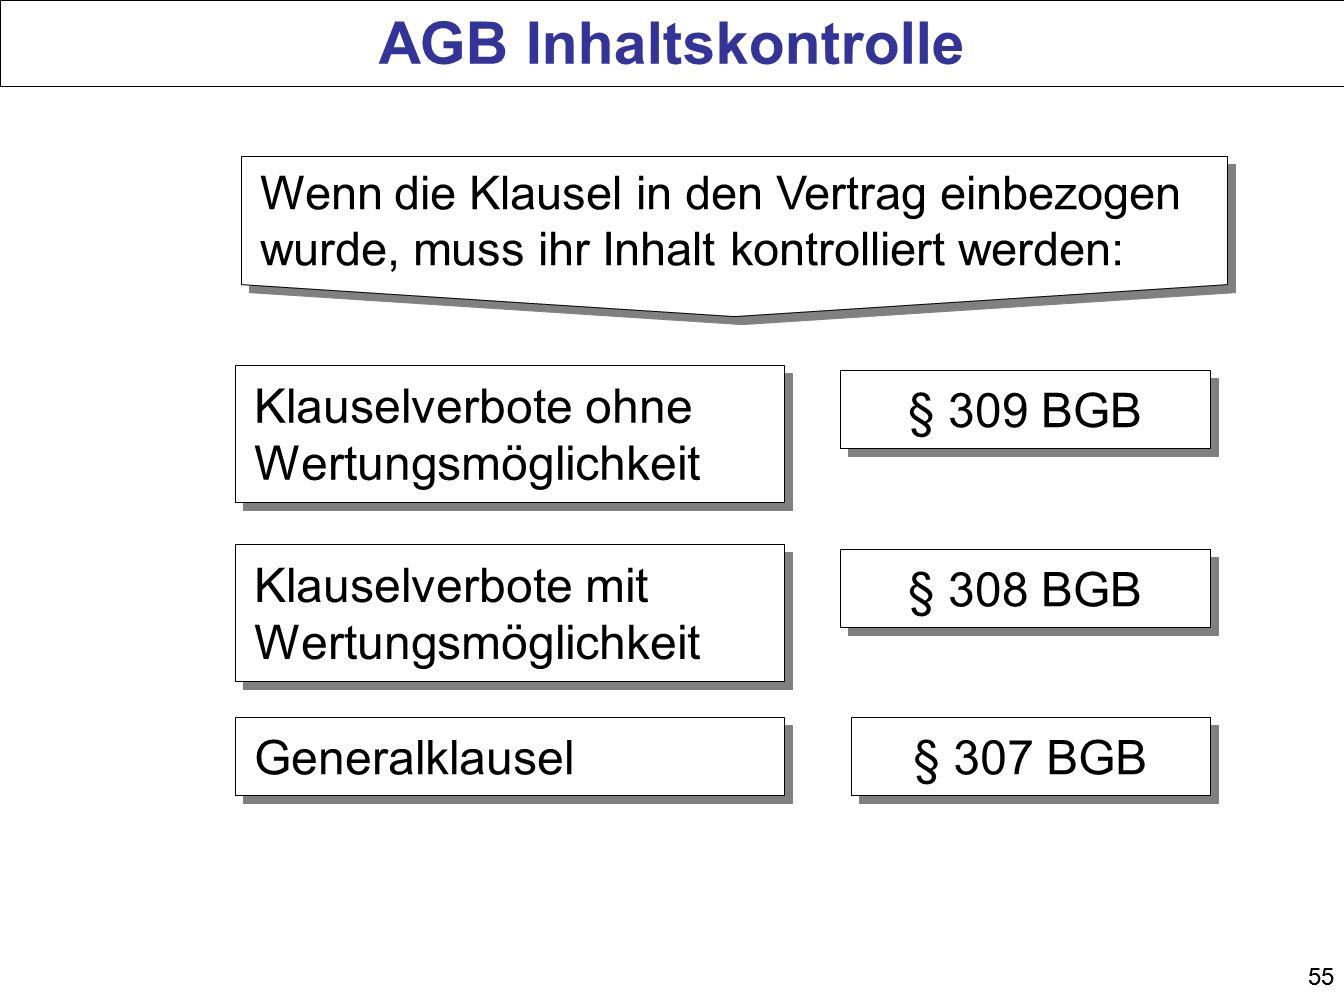 55 AGB Inhaltskontrolle Klauselverbote ohne Wertungsmöglichkeit § 309 BGB Generalklausel § 307 BGB Klauselverbote mit Wertungsmöglichkeit § 308 BGB We